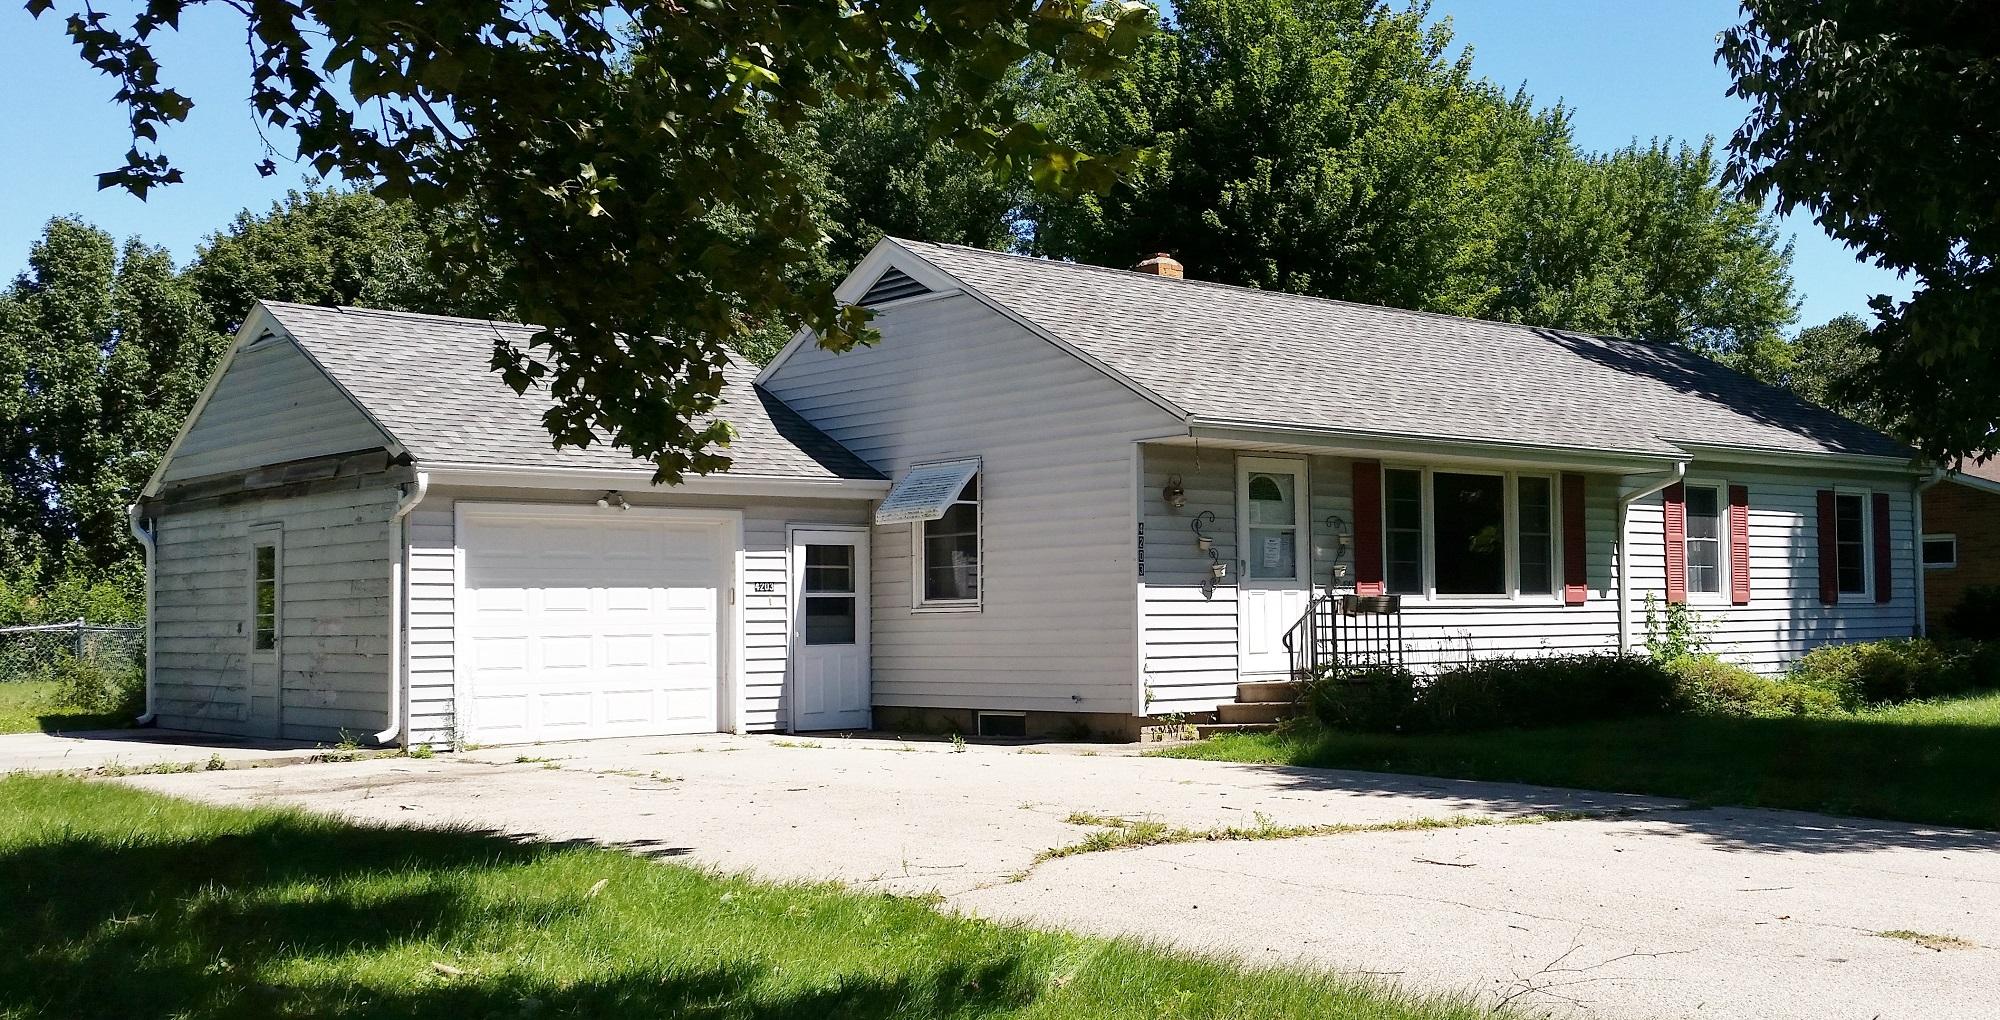 4203 H St, Amana, Iowa 52203